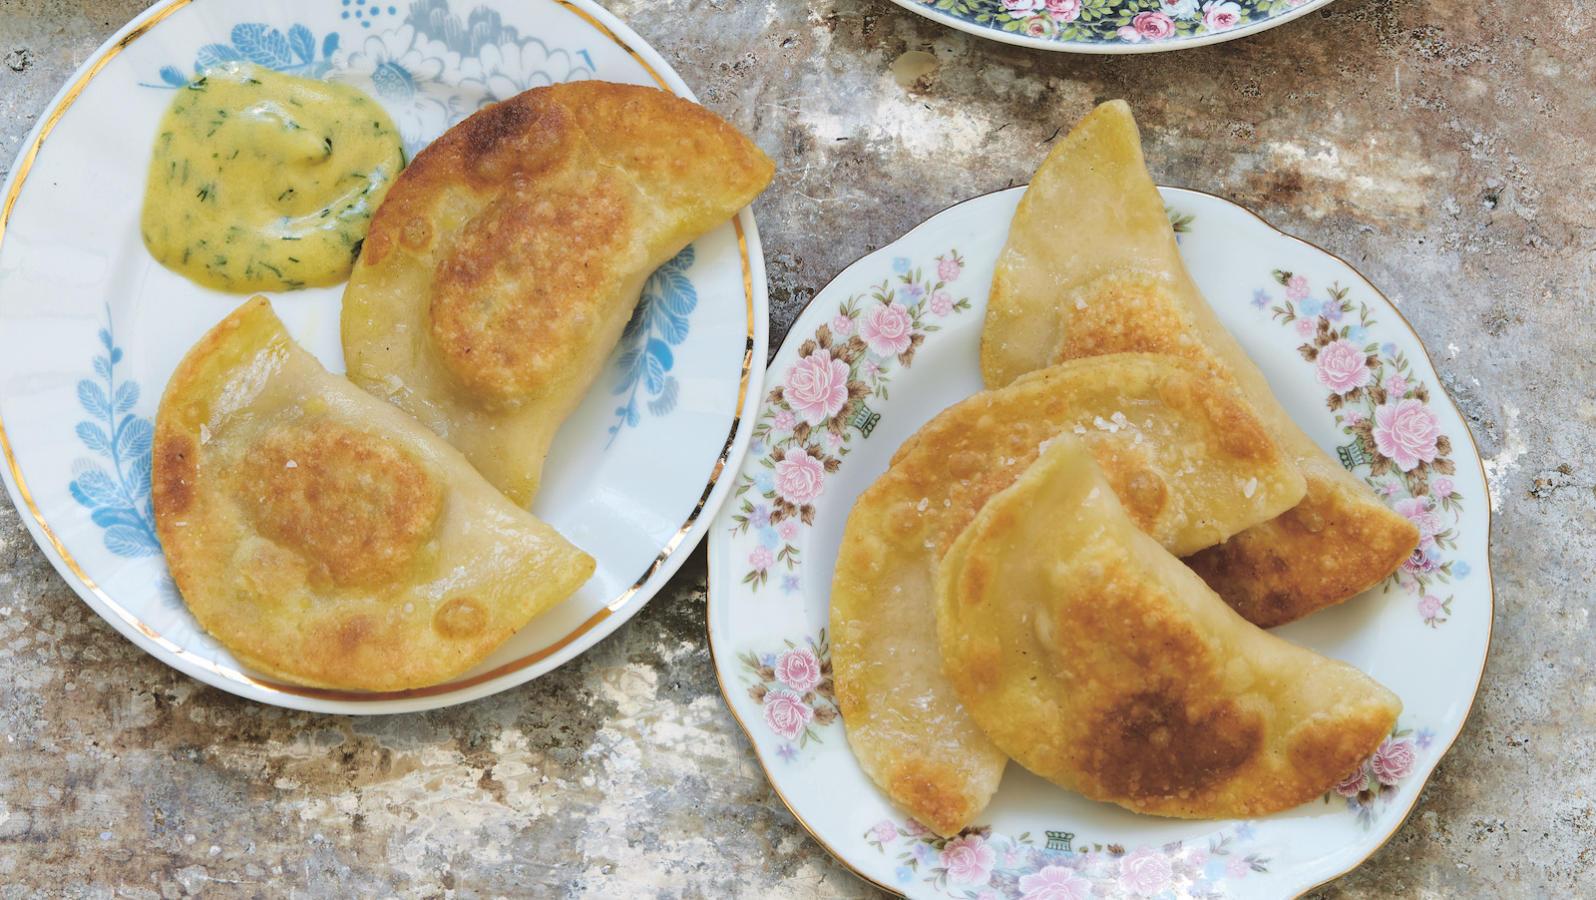 Pastrami Pierogis